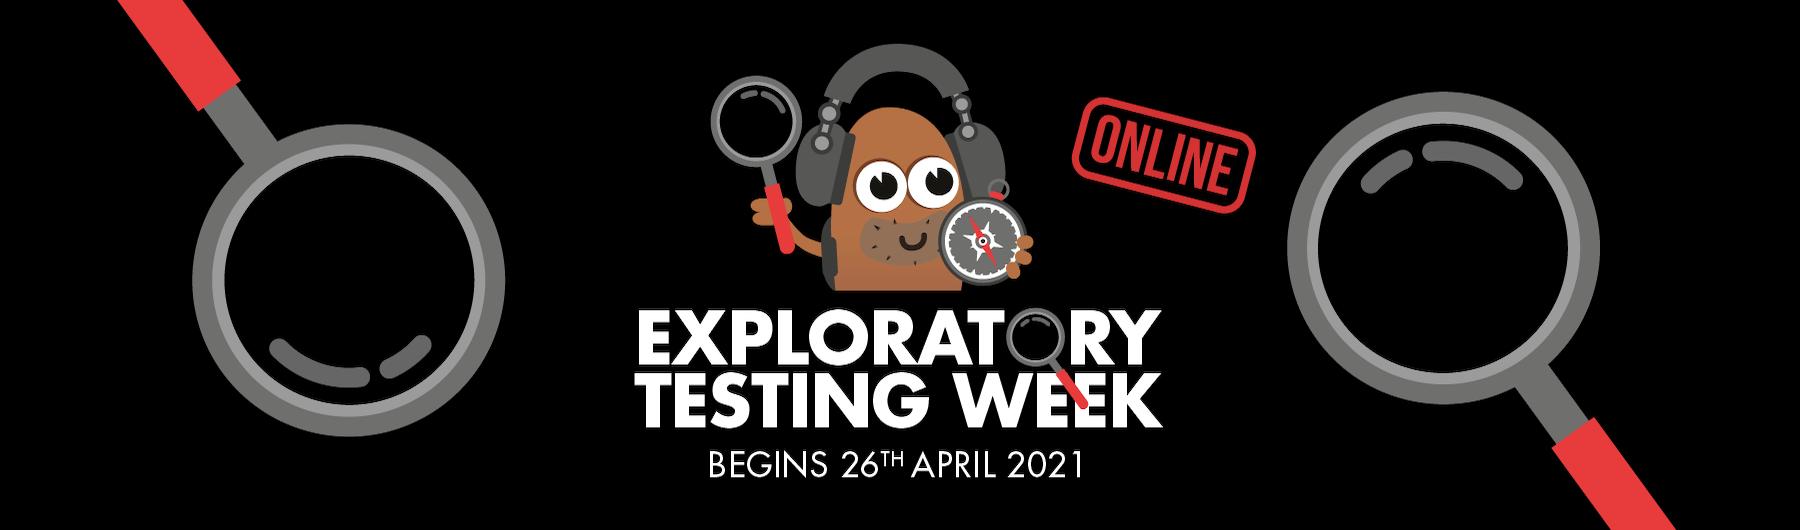 Exploratory Testing Week 2021